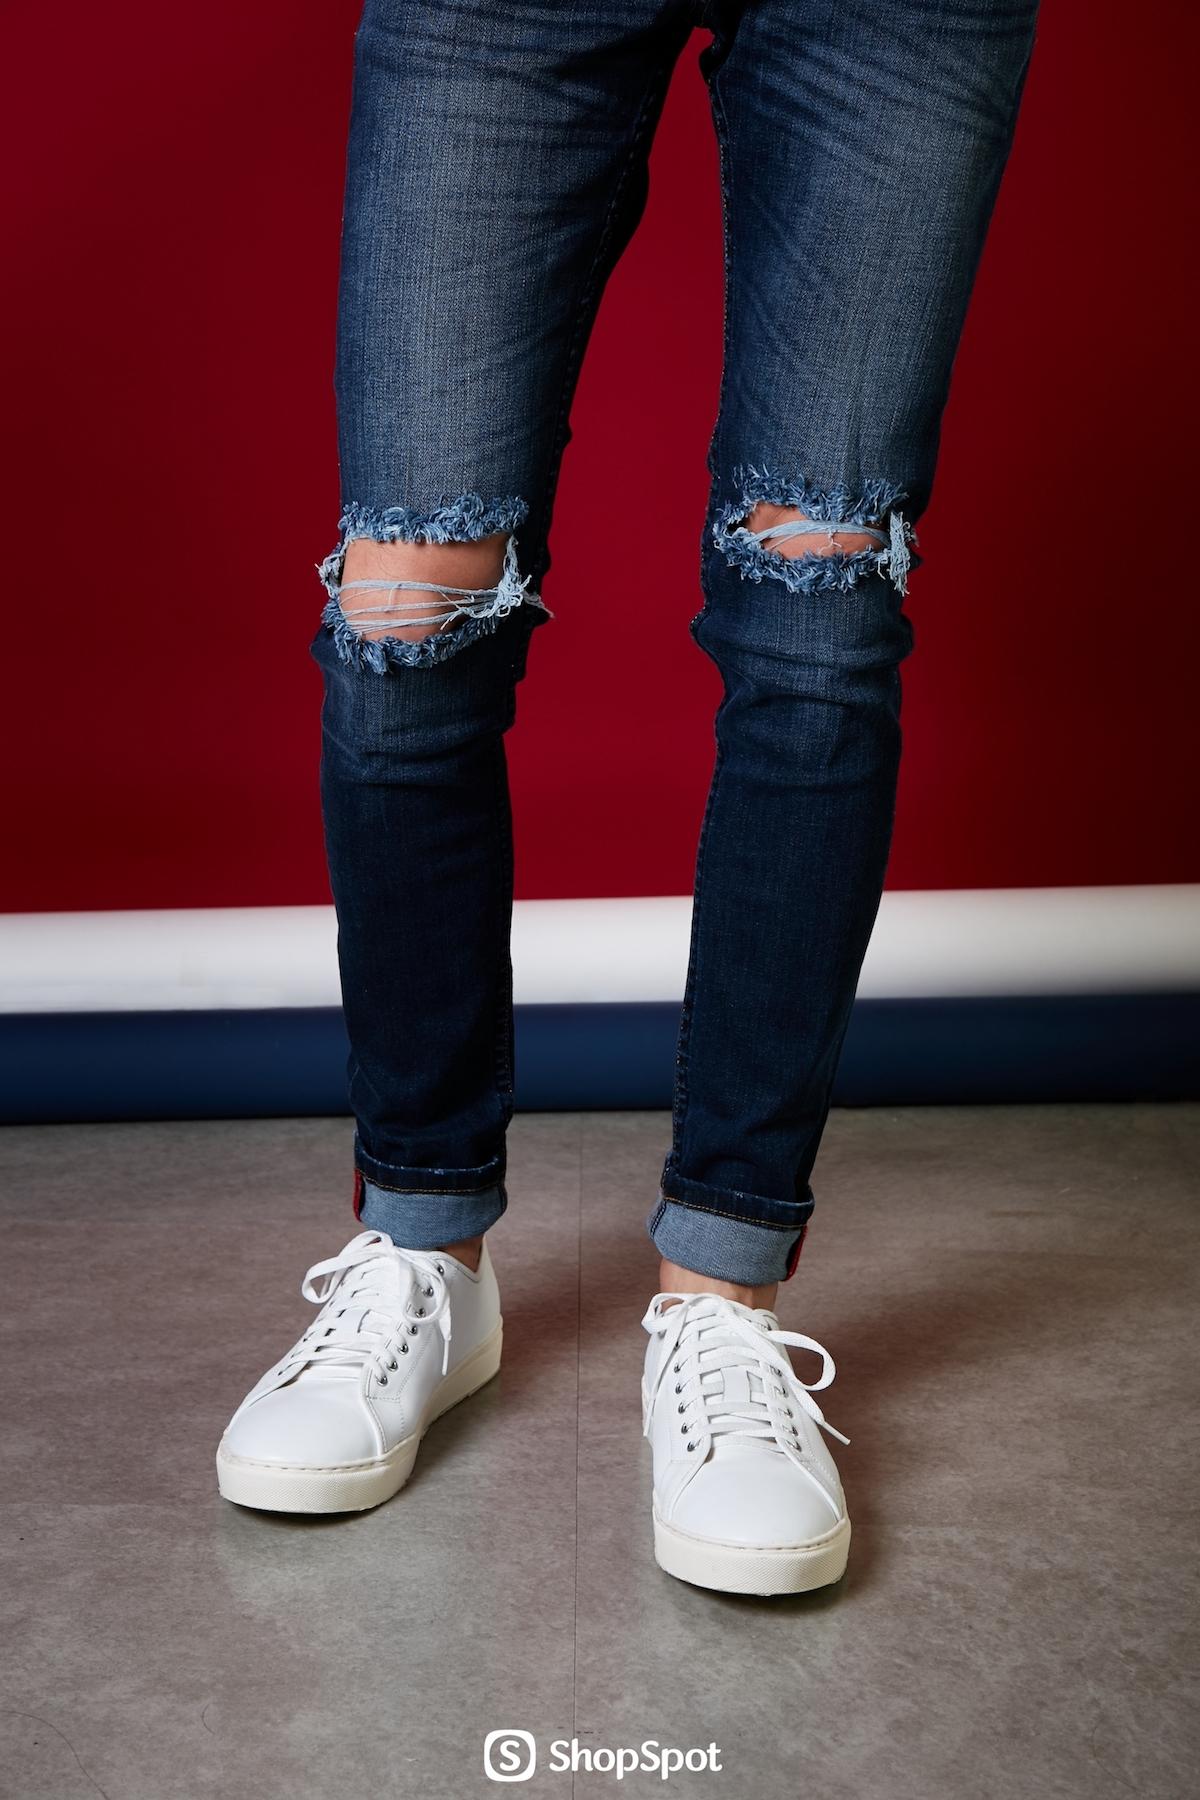 กางเกง,กางเกงยีนส์,ยีน,ยีนส์,ยีนส์ขาด,jean,jeans,denim,skinny,rippedjeans,กางเกงยีนส์ผู้ชาย,GeneDenim